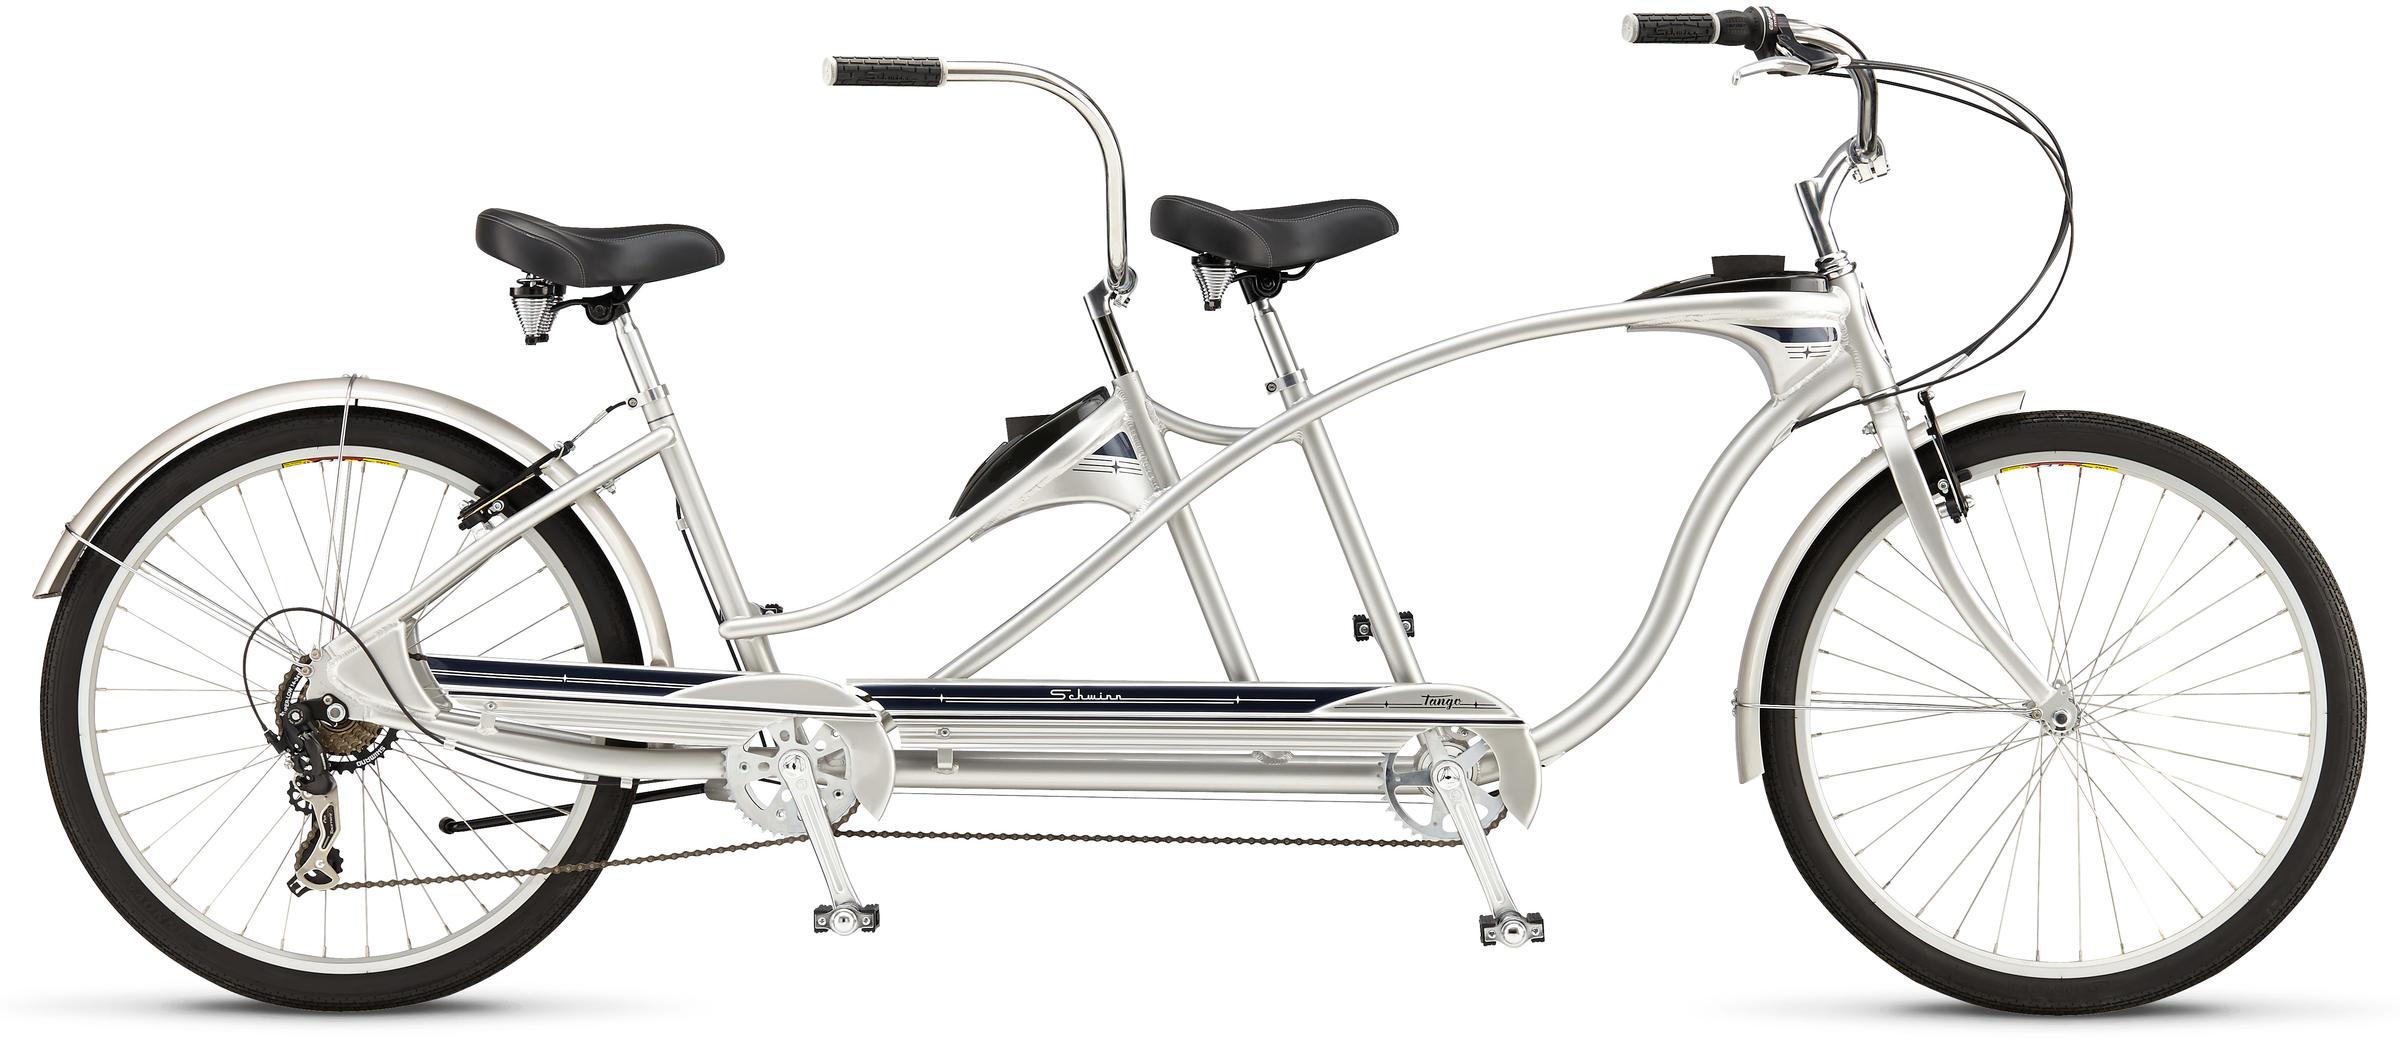 6c4ae3ab070 Schwinn Tango Tandem - Bike Shop Bicycle Store Repair Dallas Garland ...